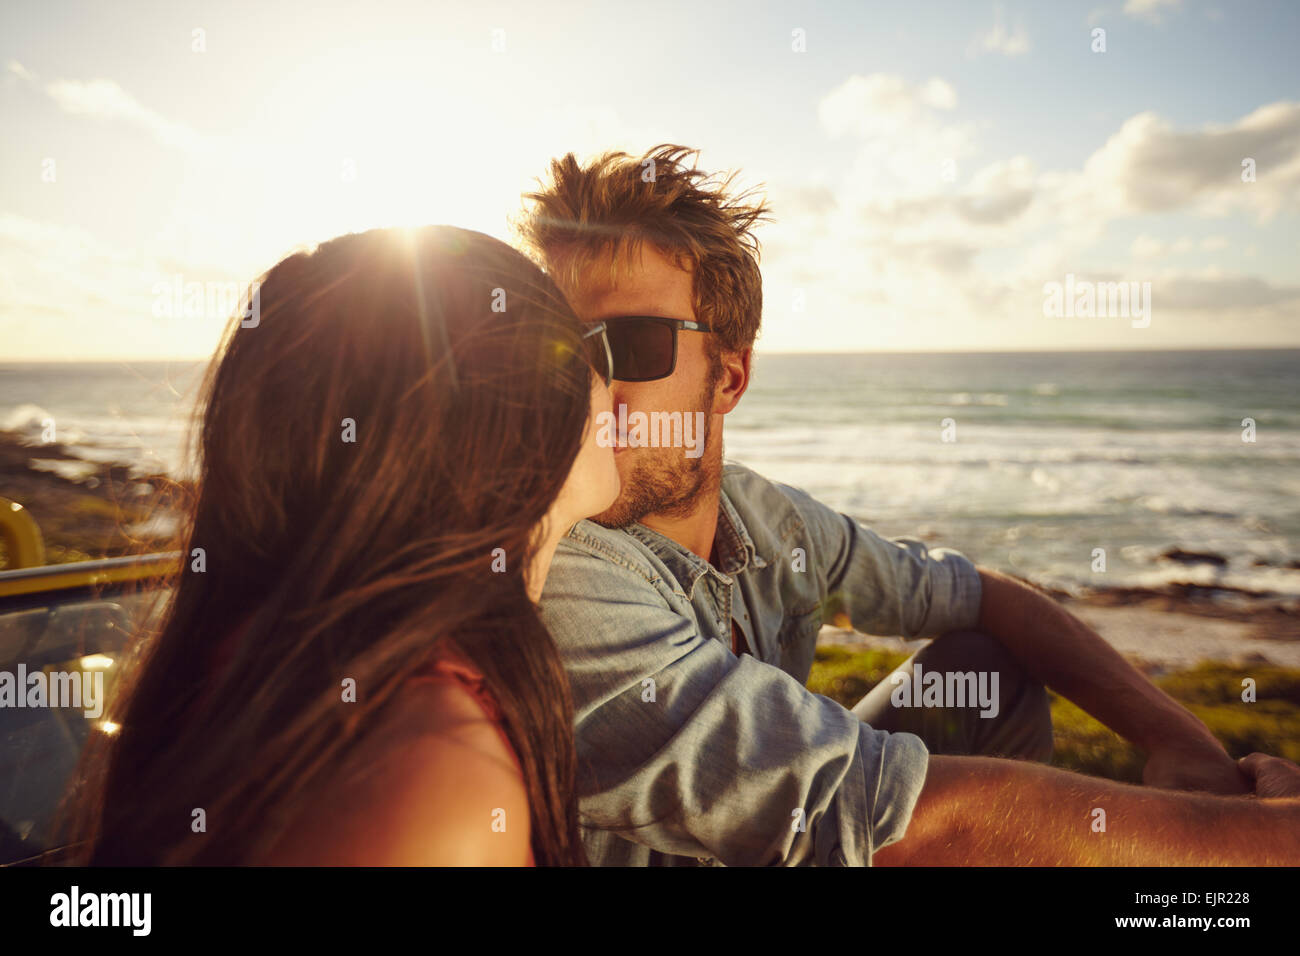 Pareja joven afectuoso beso. Joven pareja amorosa con el mar de fondo. Pareja romántica en vacaciones de verano. Imagen De Stock